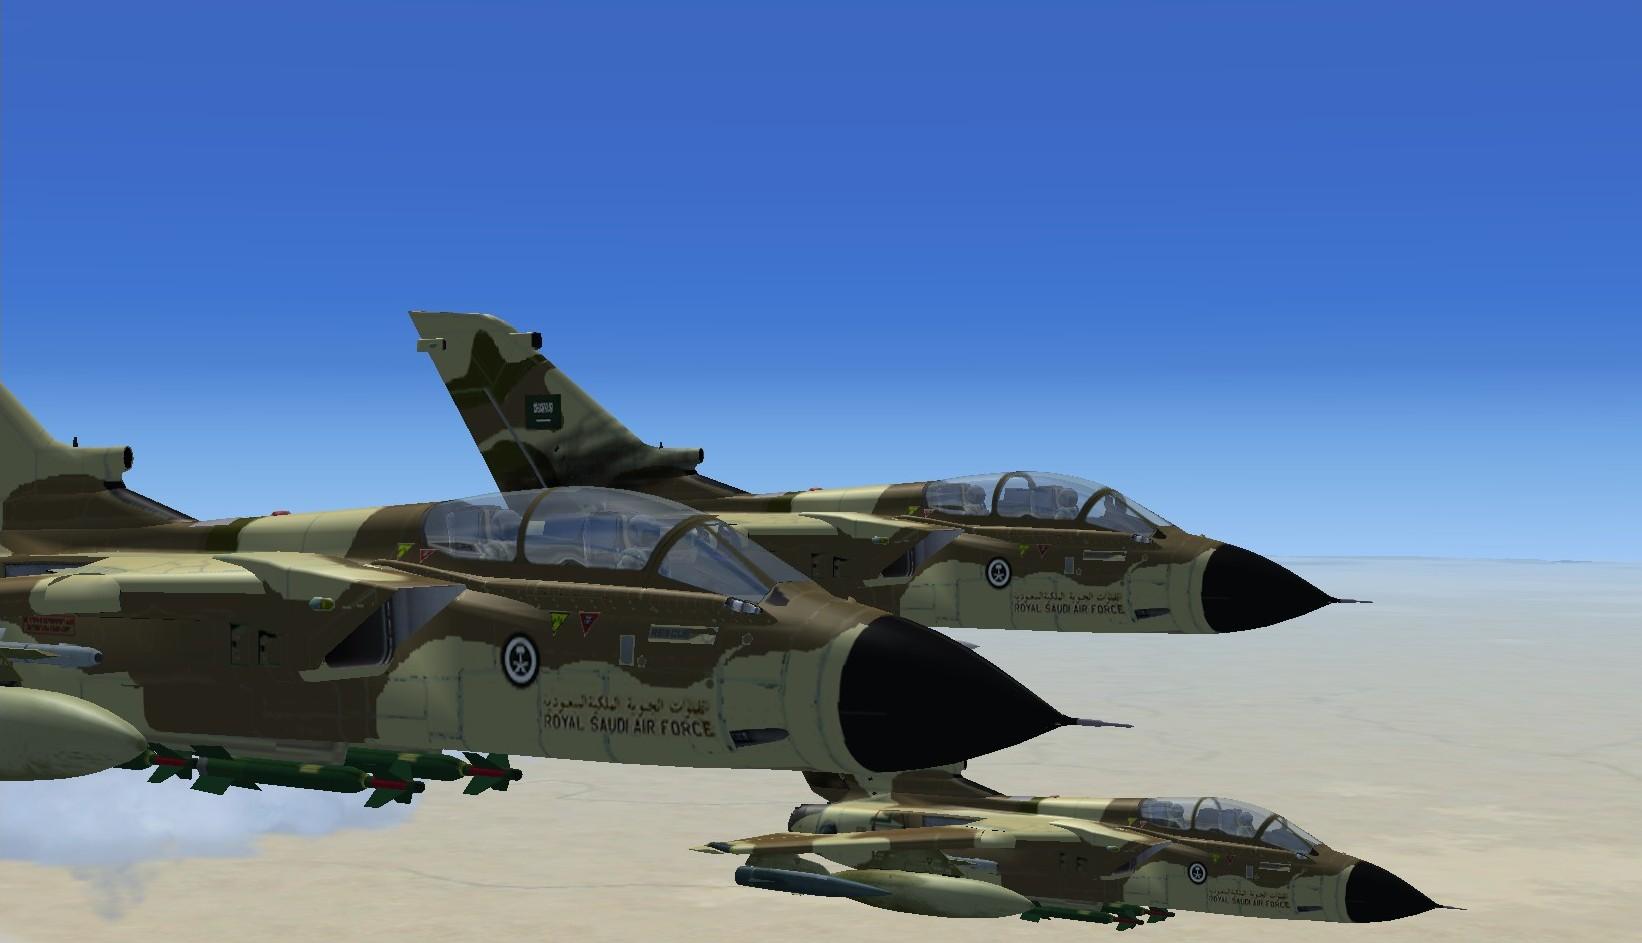 الموسوعه الفوغترافيه لصور القوات الجويه الملكيه السعوديه ( rsaf ) Panavia-Tornado-IDS-Royal-Saudi-Air-Force-HZ-711-Saudi-Arabia